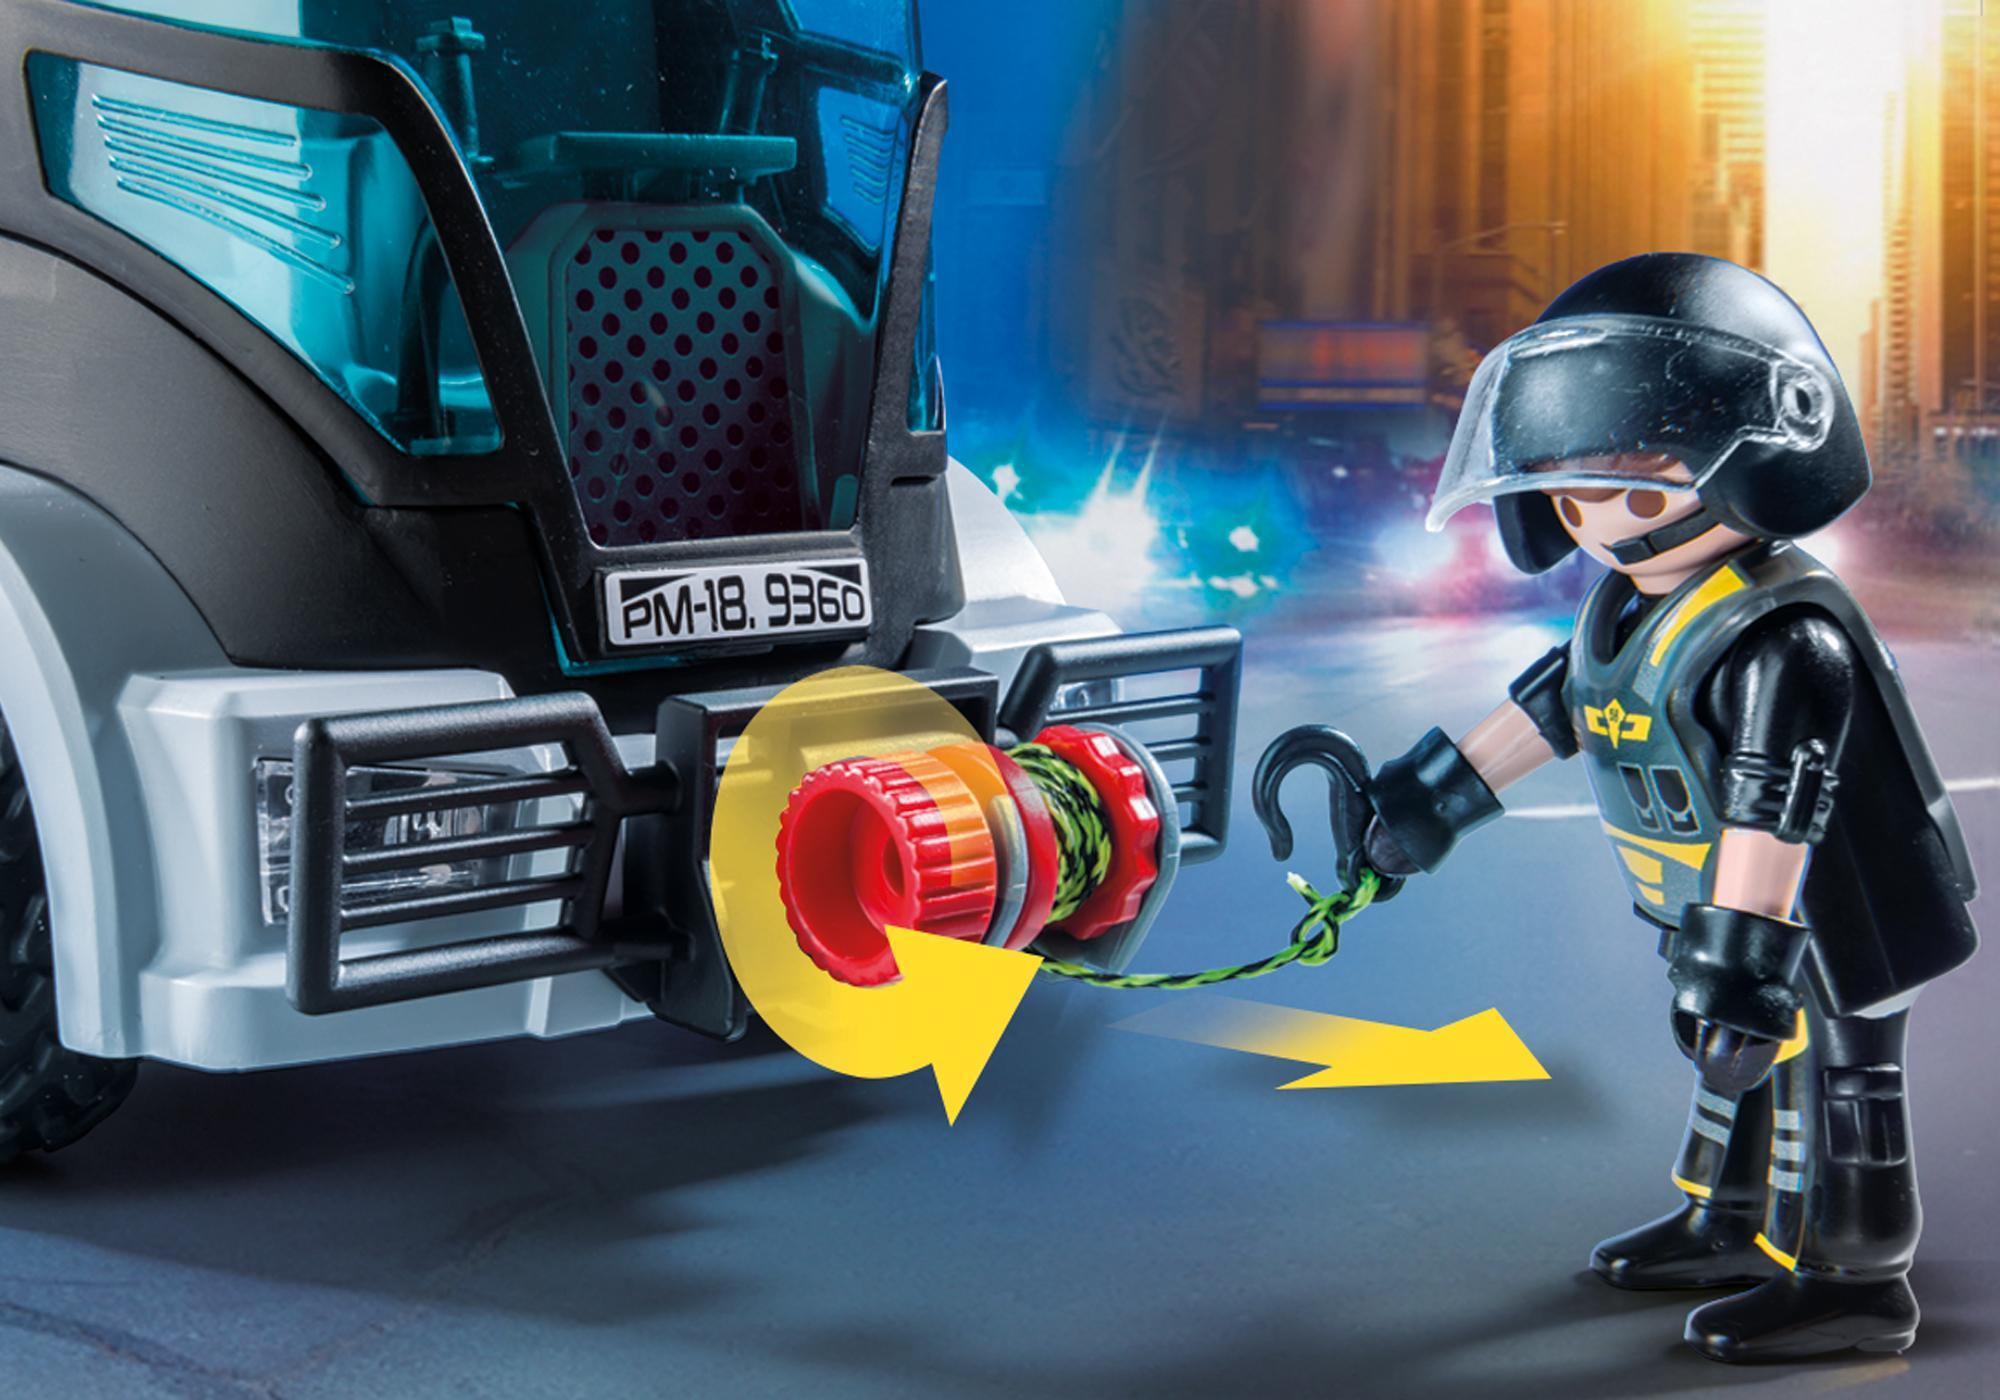 http://media.playmobil.com/i/playmobil/9360_product_extra2/Pojazd jednostki specjalnej ze światłem i dźwiękiem